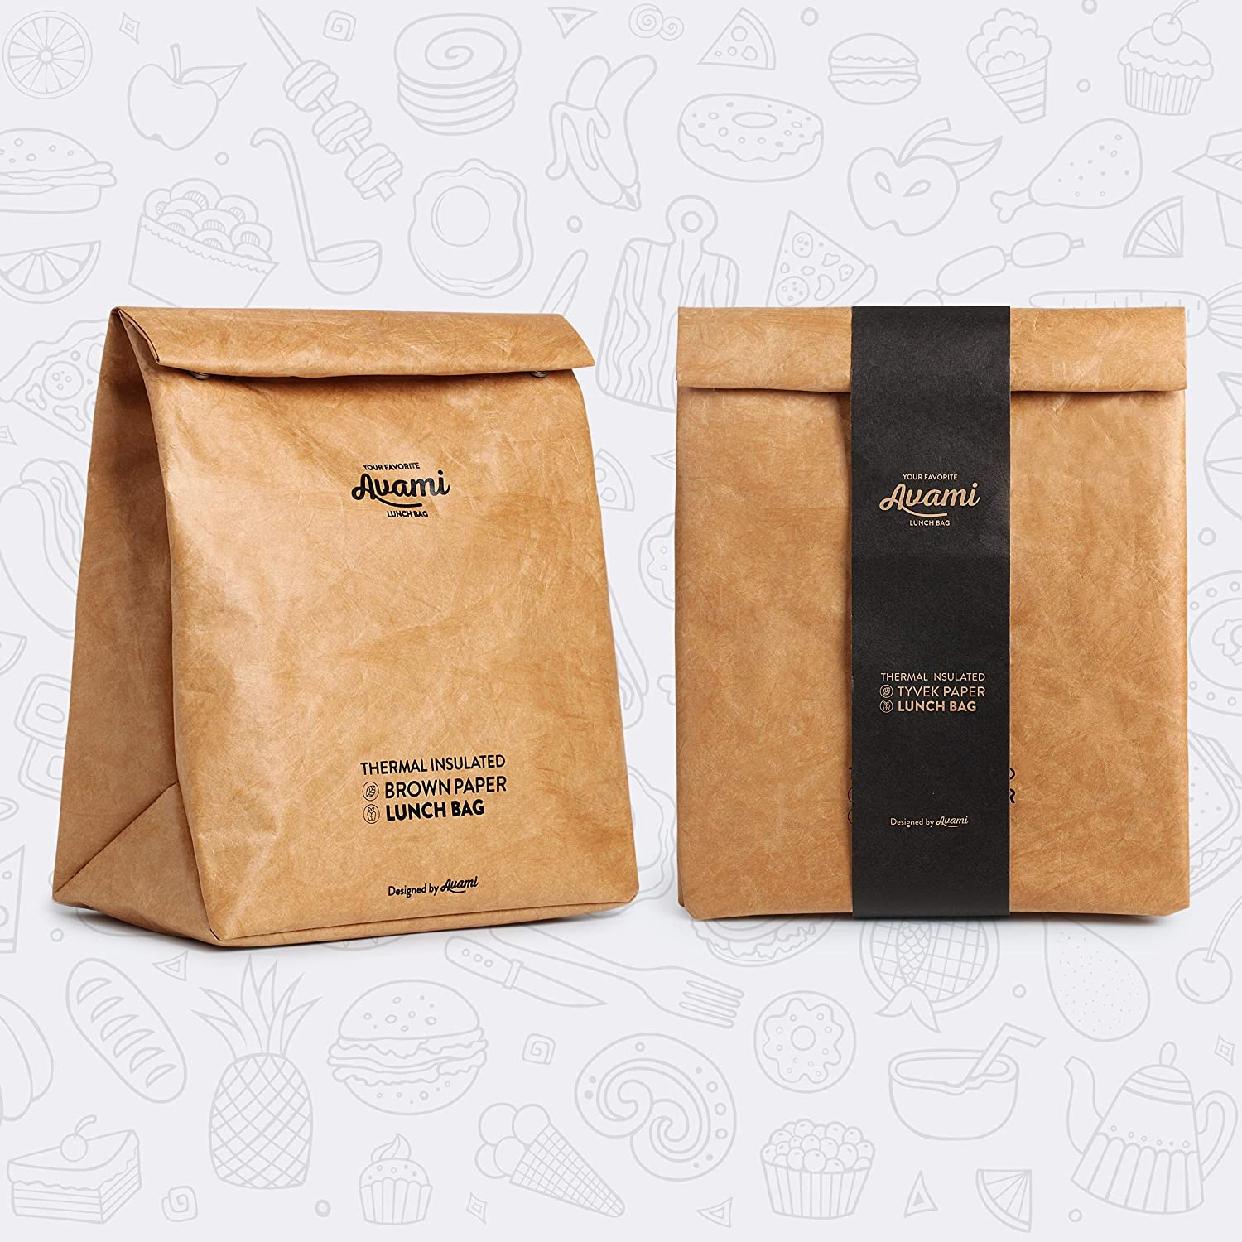 AVAMI(アヴァミ)ブラウンペーパーランチバッグの商品画像8